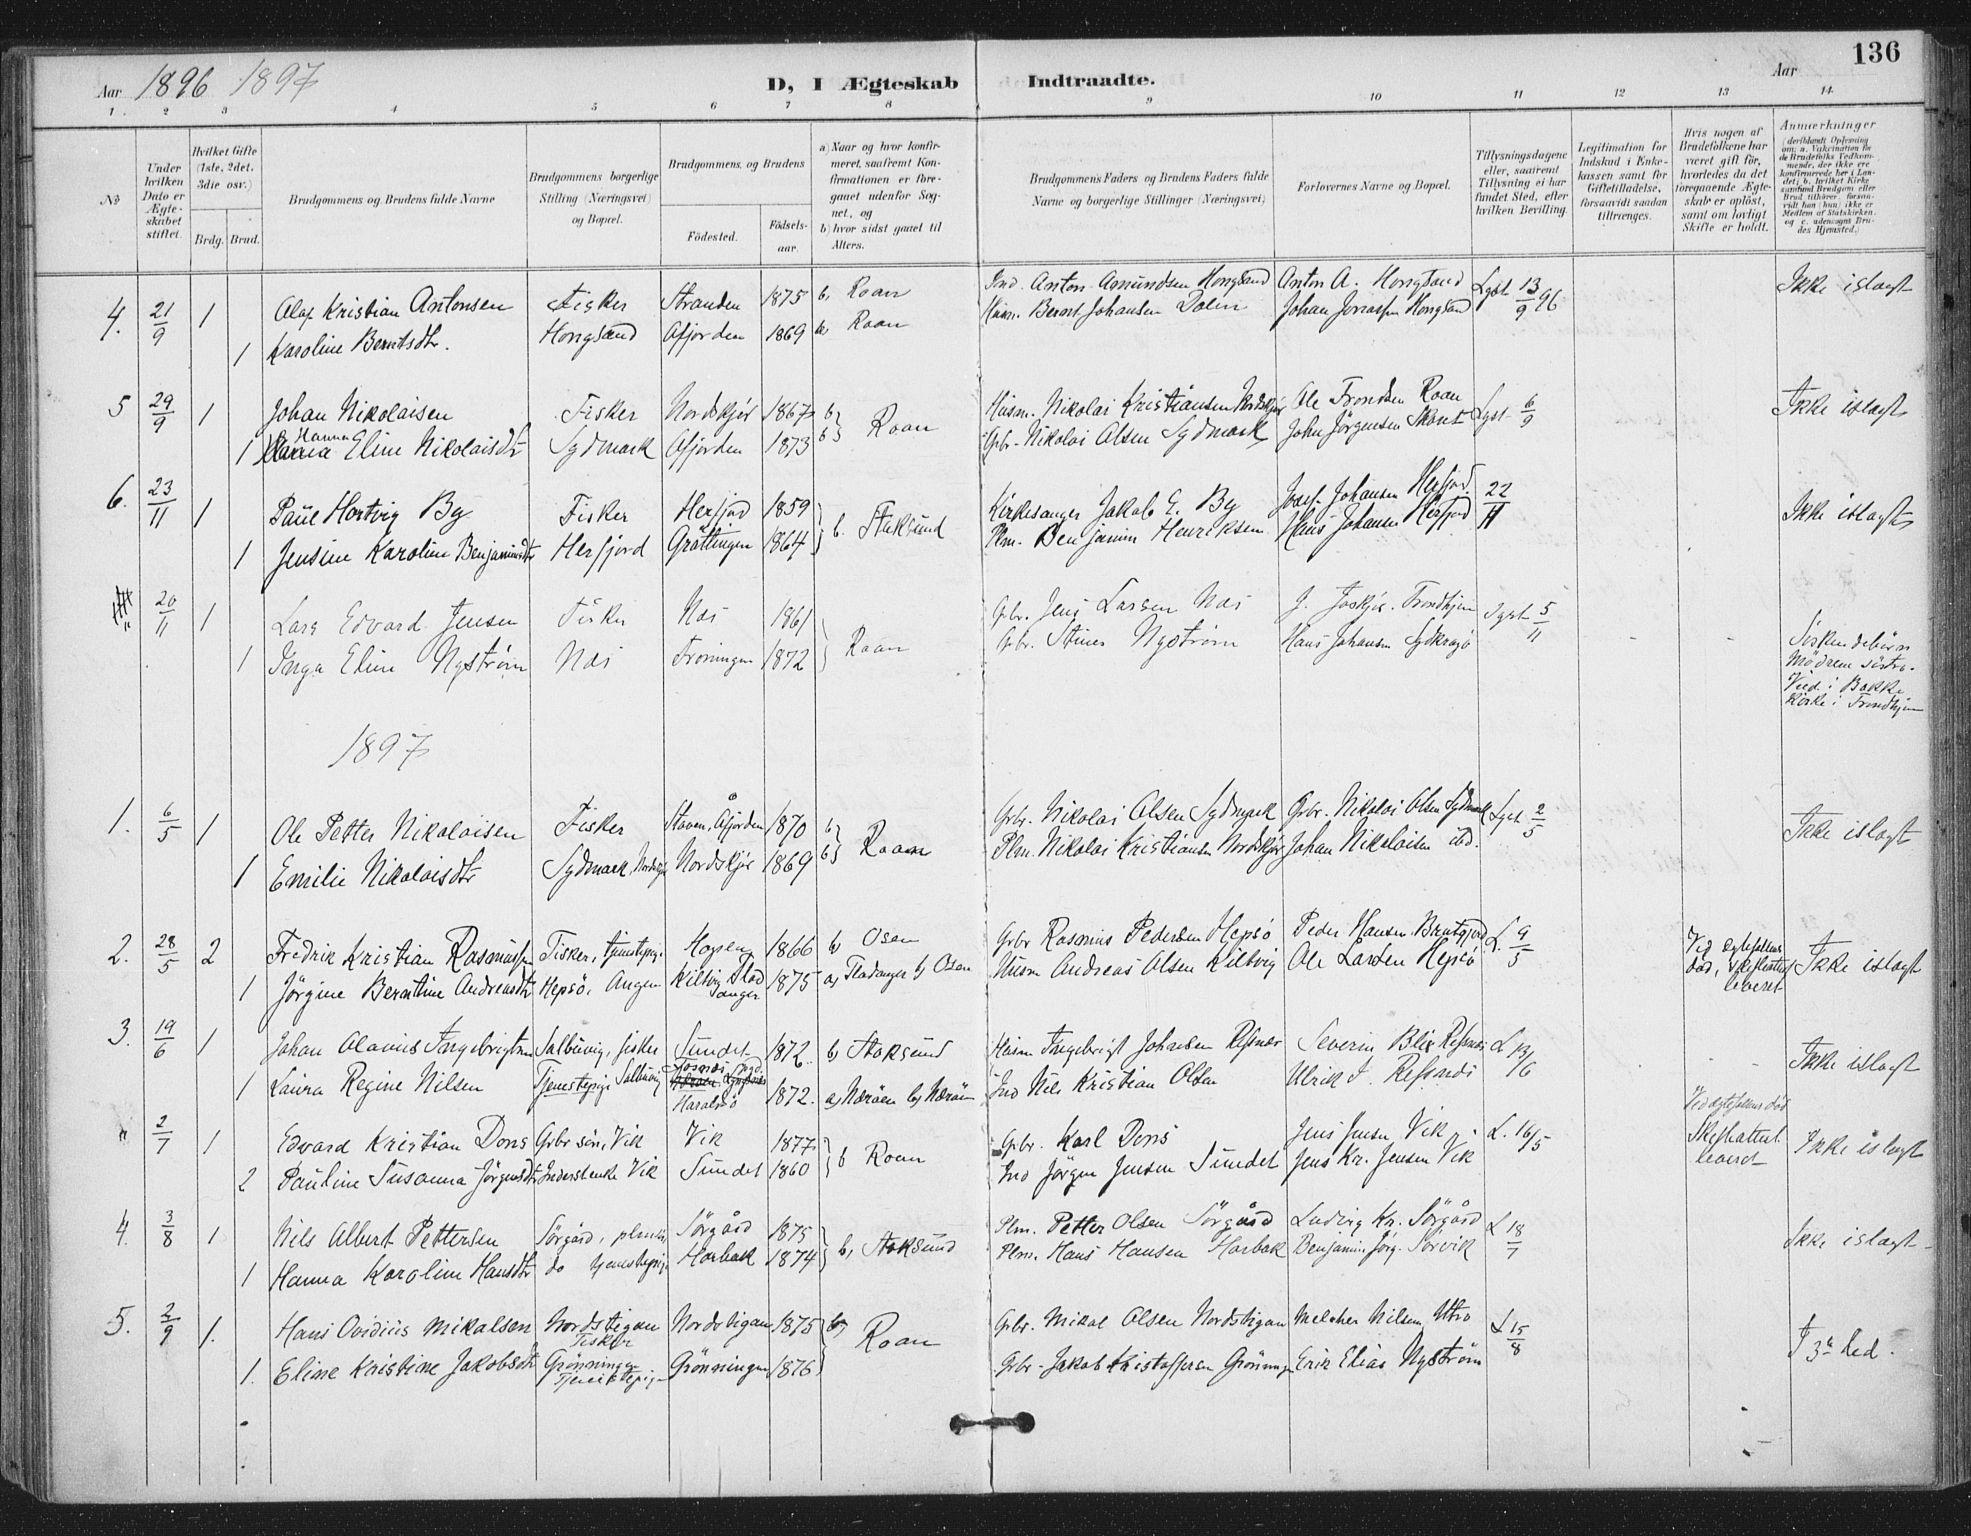 SAT, Ministerialprotokoller, klokkerbøker og fødselsregistre - Sør-Trøndelag, 657/L0708: Ministerialbok nr. 657A09, 1894-1904, s. 136